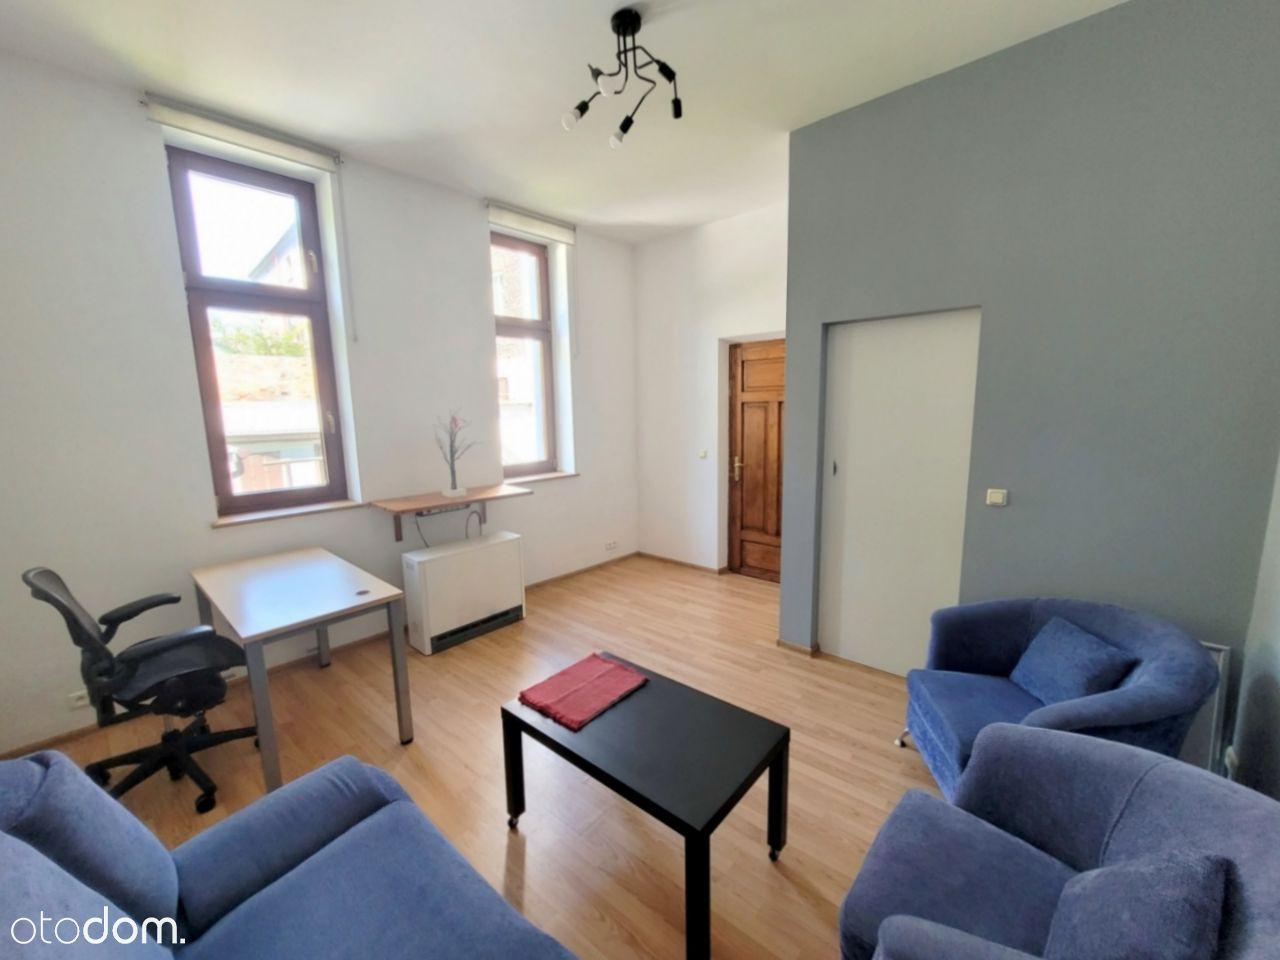 Przytulne na Zabłociu / Cosy flat in Zabłocie area